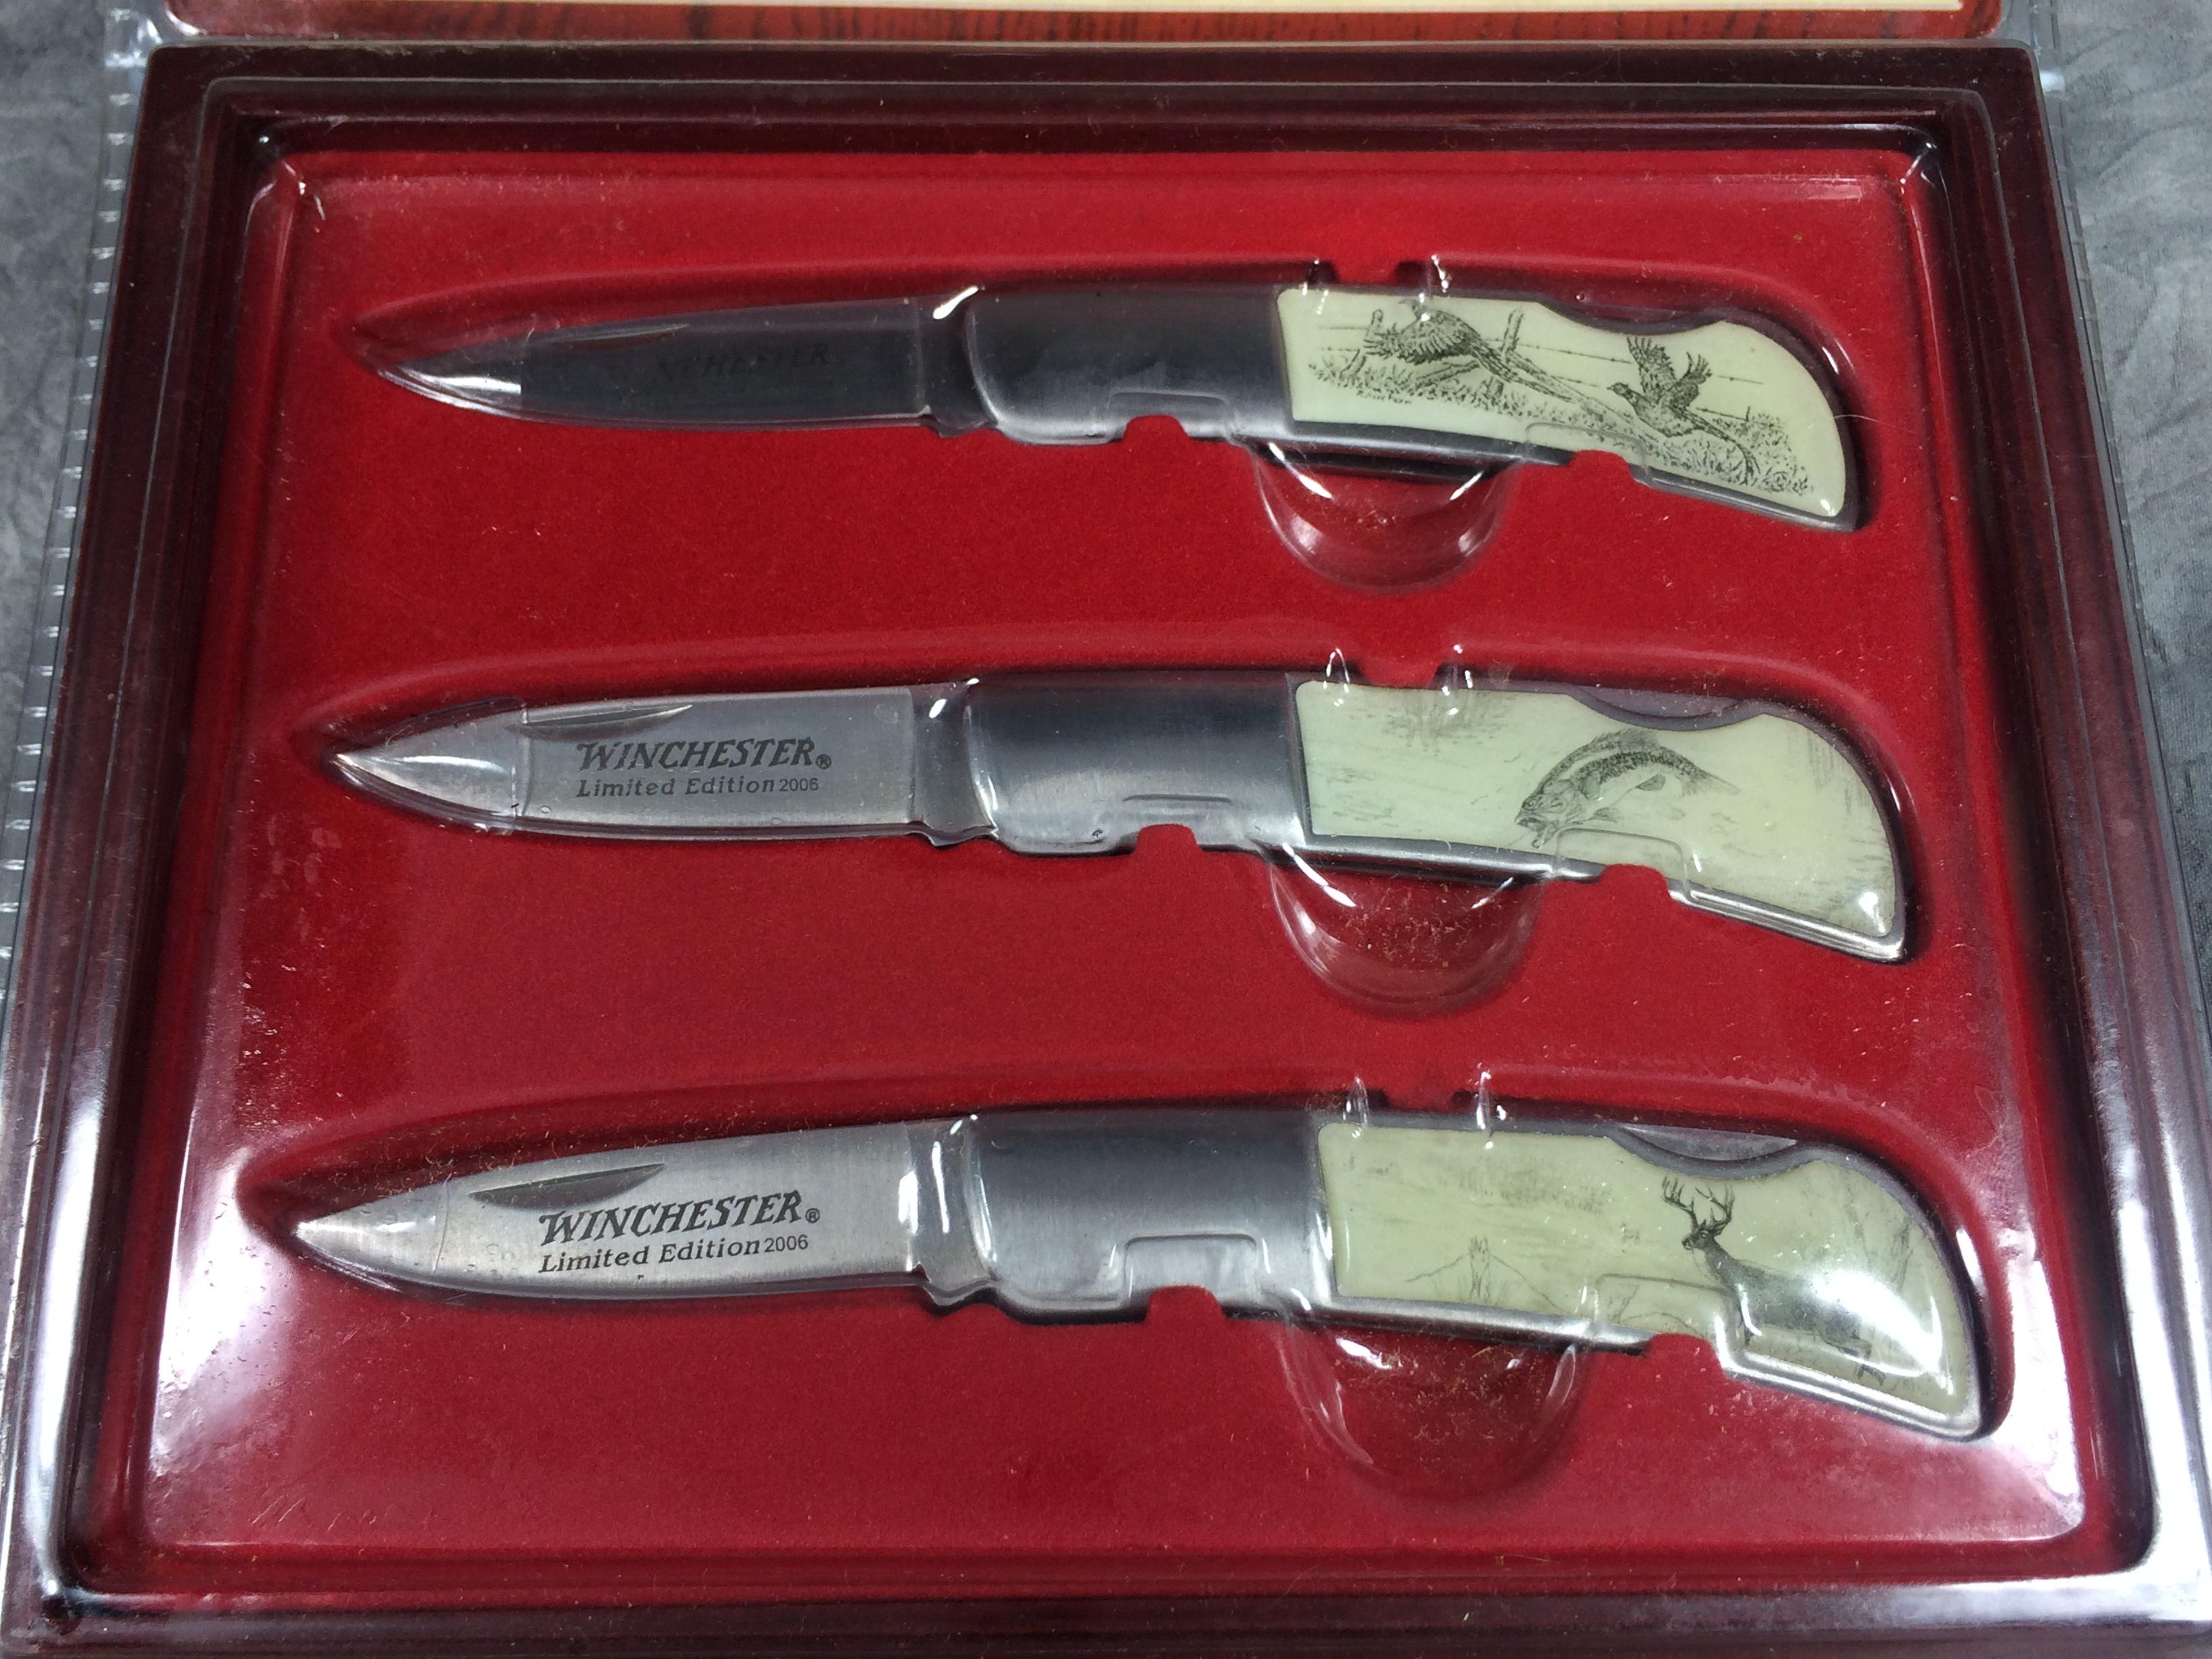 2006 Winchester Limited Edition Wildlife Series Ersatz